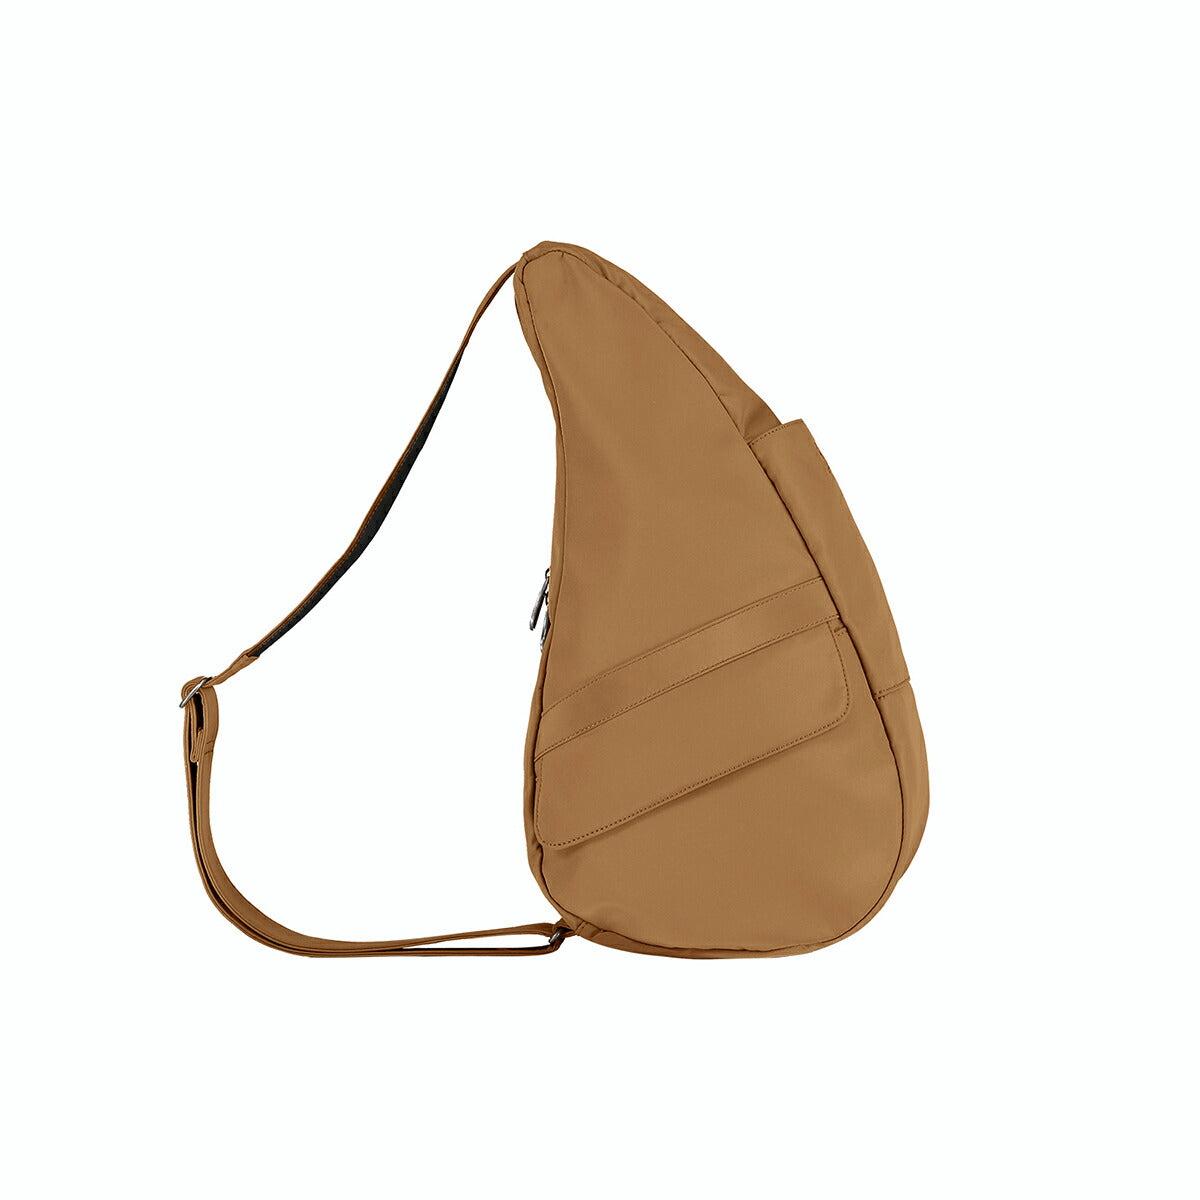 Healthy Back Bag/ヘルシーバックバッグ/ショルダーバッグ/ボディバッグ/旅行バッグ/軽量/レディース/メンズ 《限定ポーチ付》 公式ストア ヘルシーバックバッグ マイクロファイバー Sサイズ ローデン